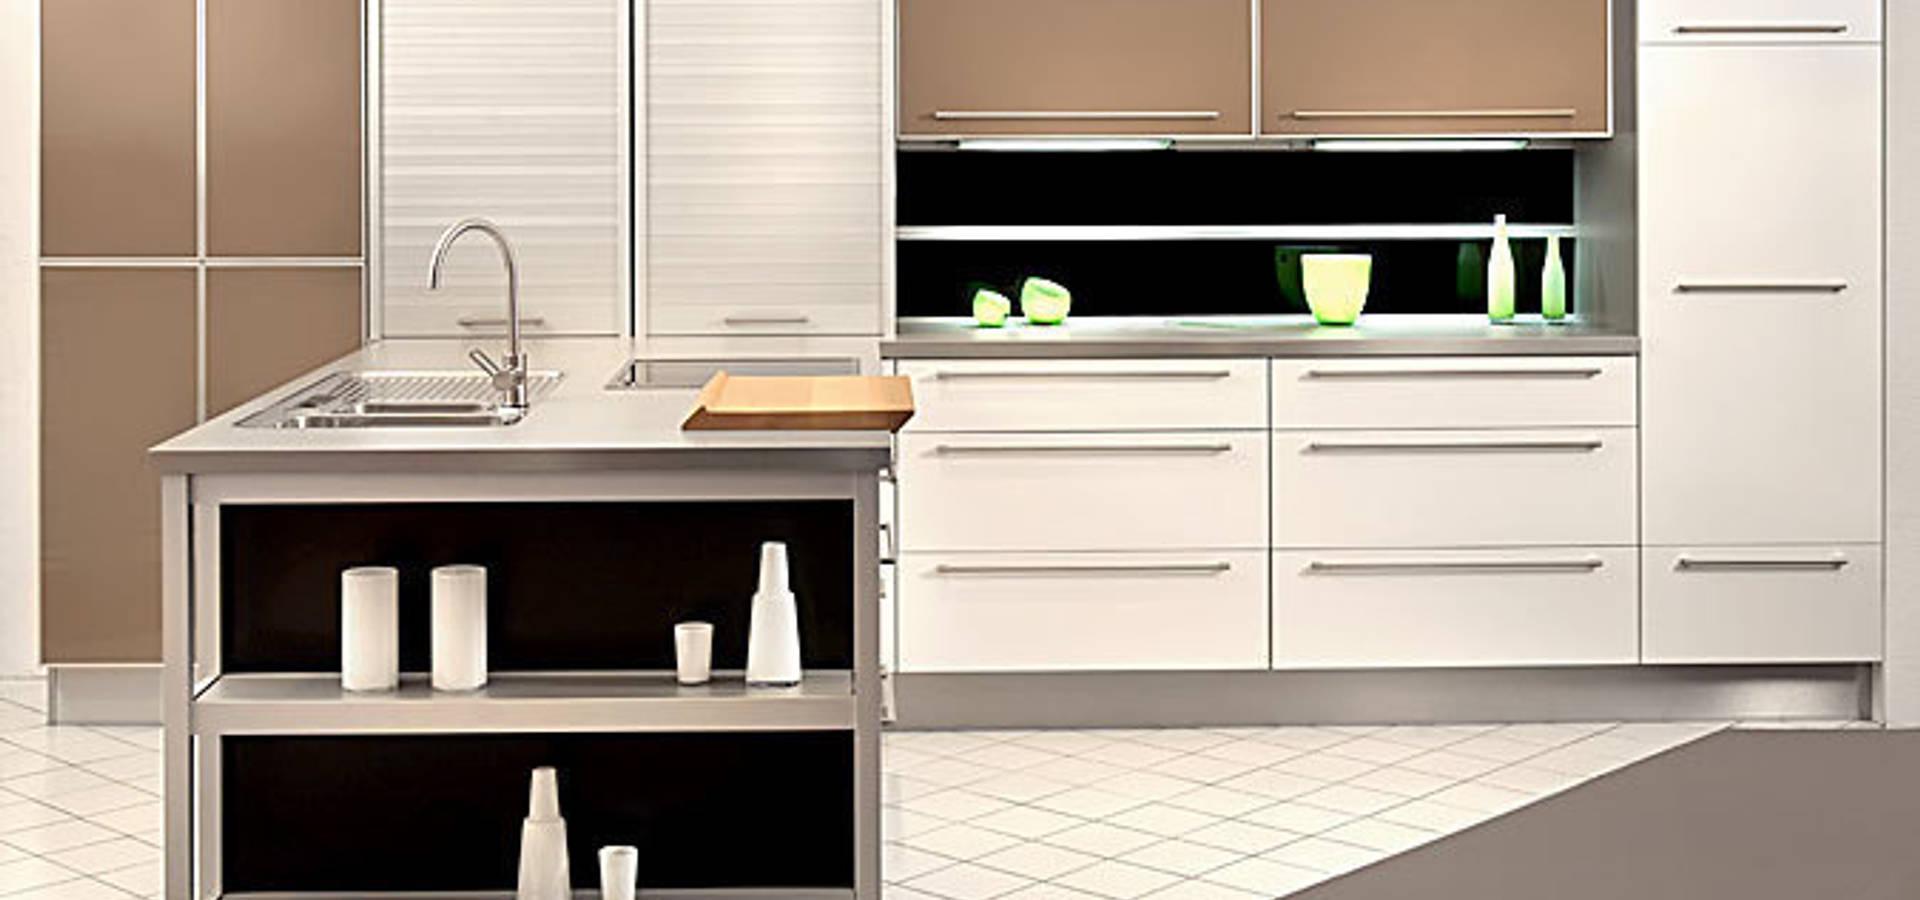 Schroder kuchensysteme kuchenplaner in bottrop homify for Küchensysteme